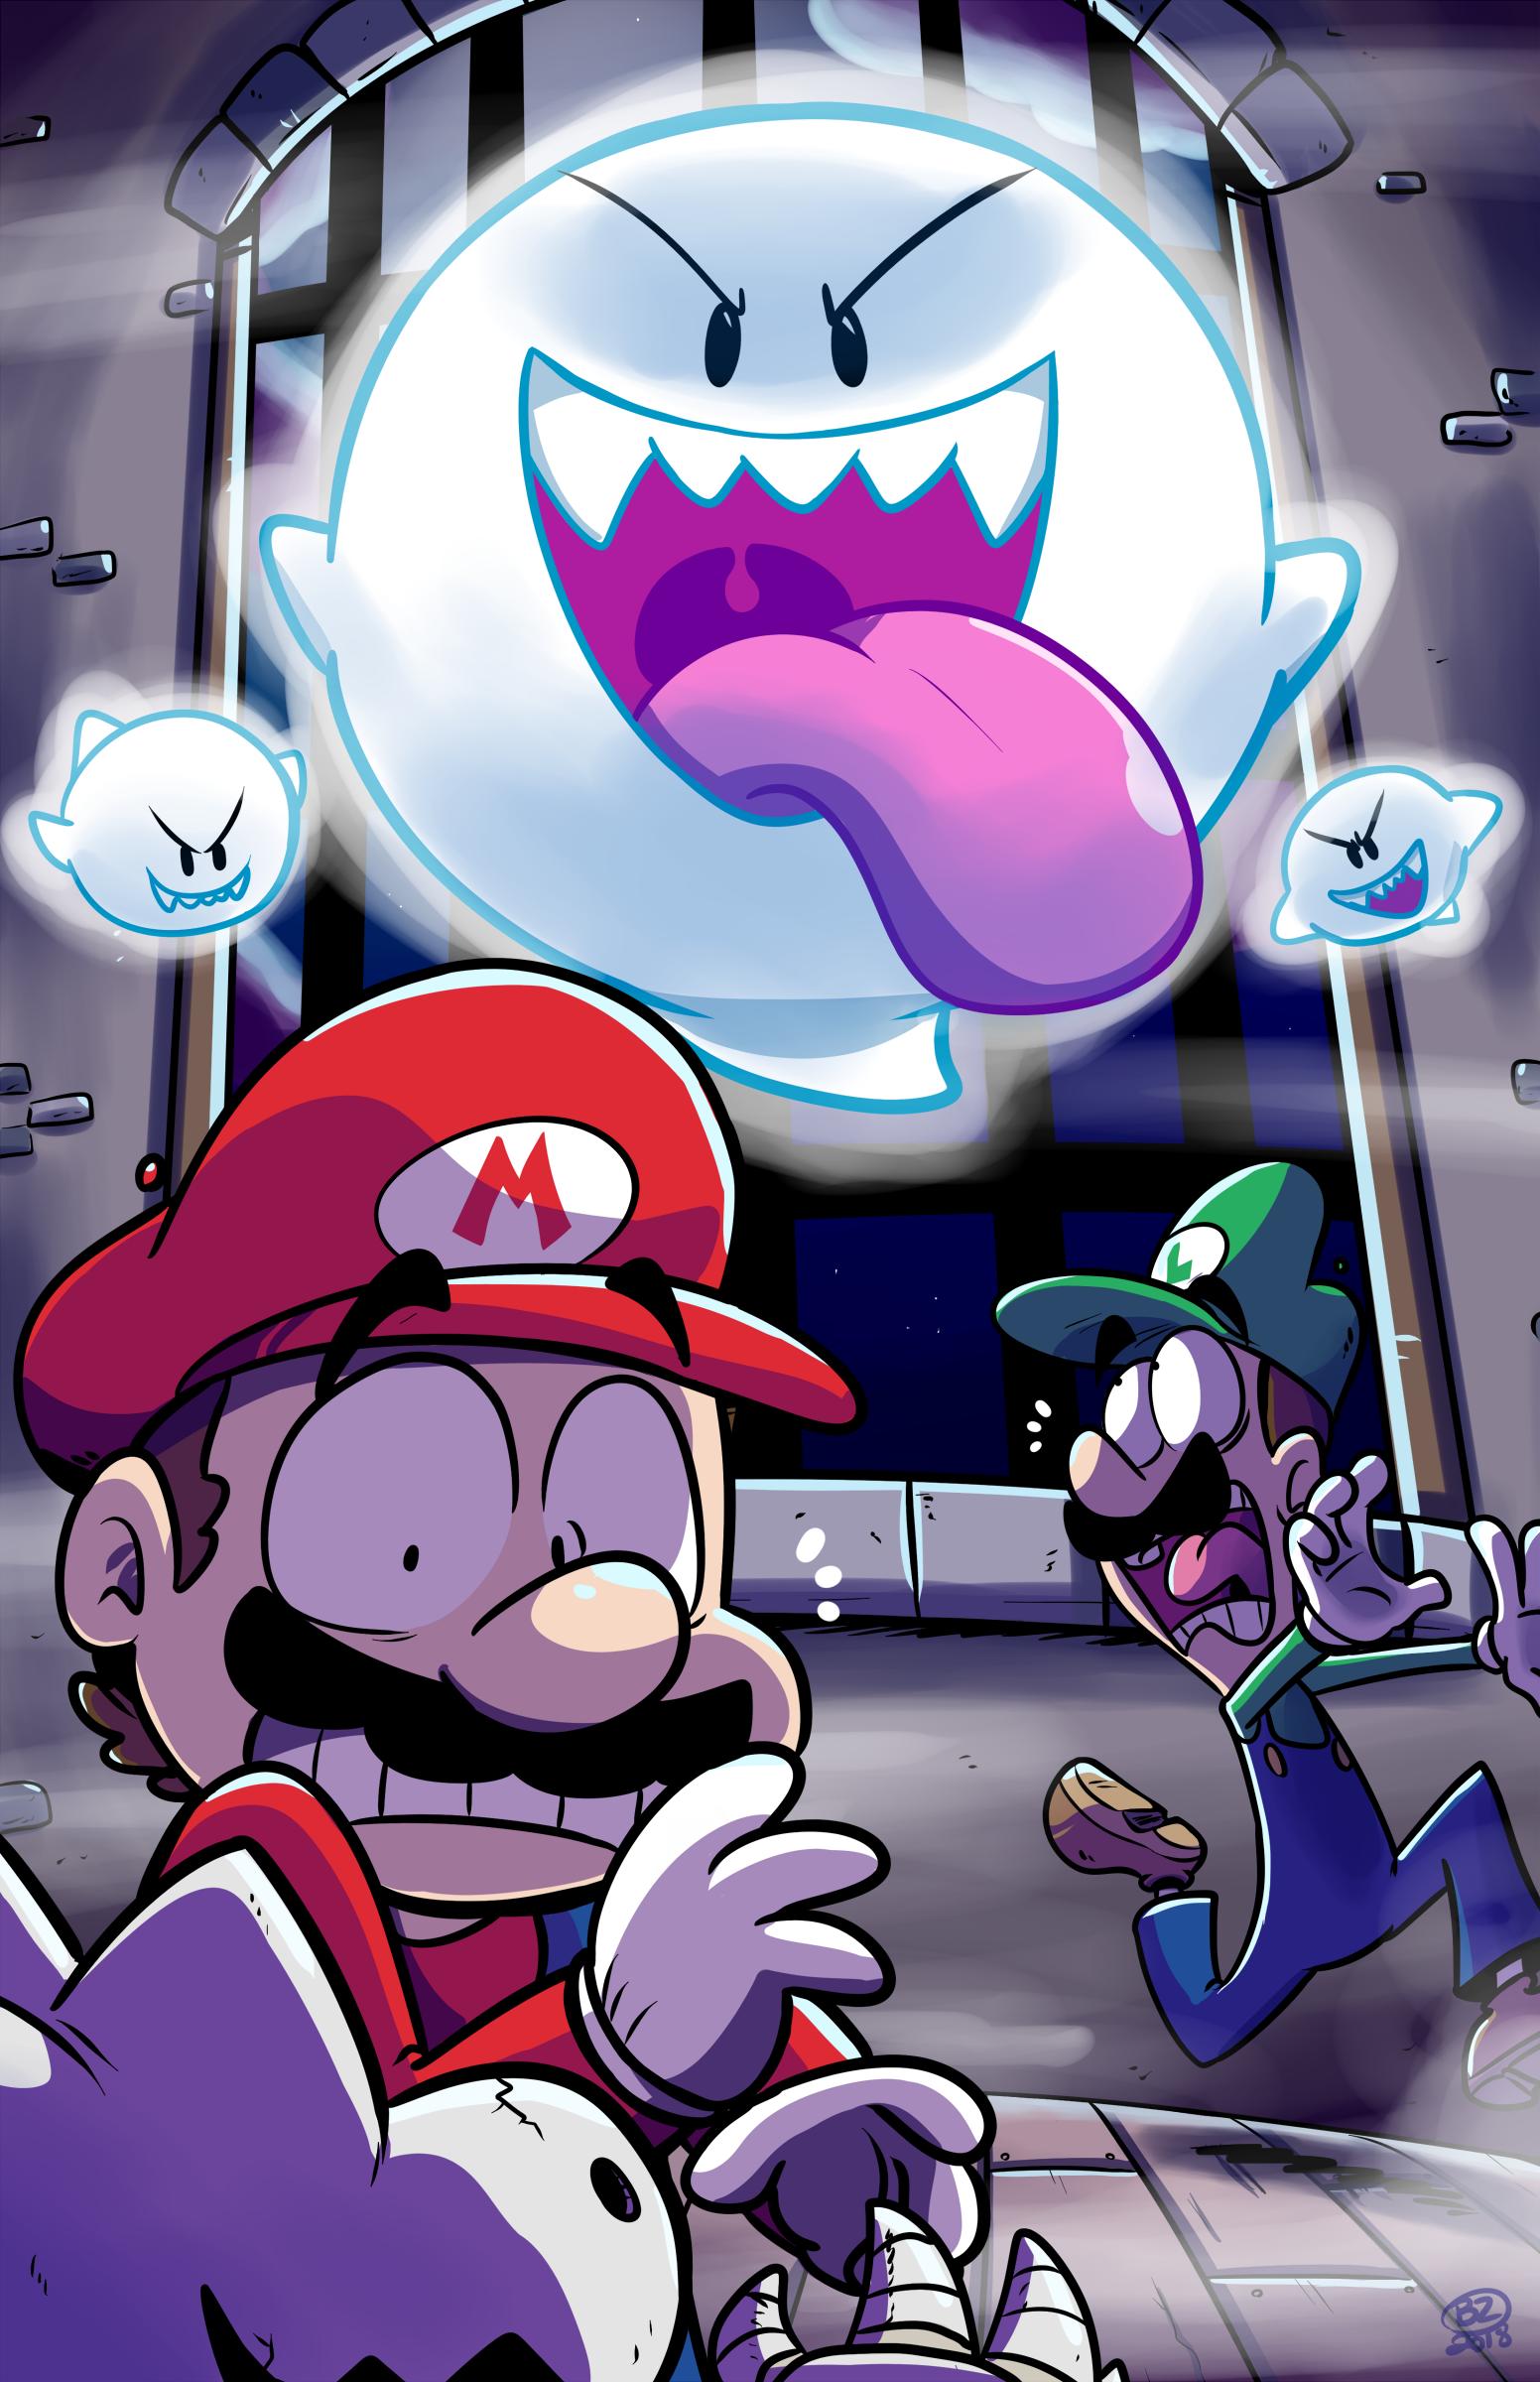 Mario and Luigi's Haunted Night